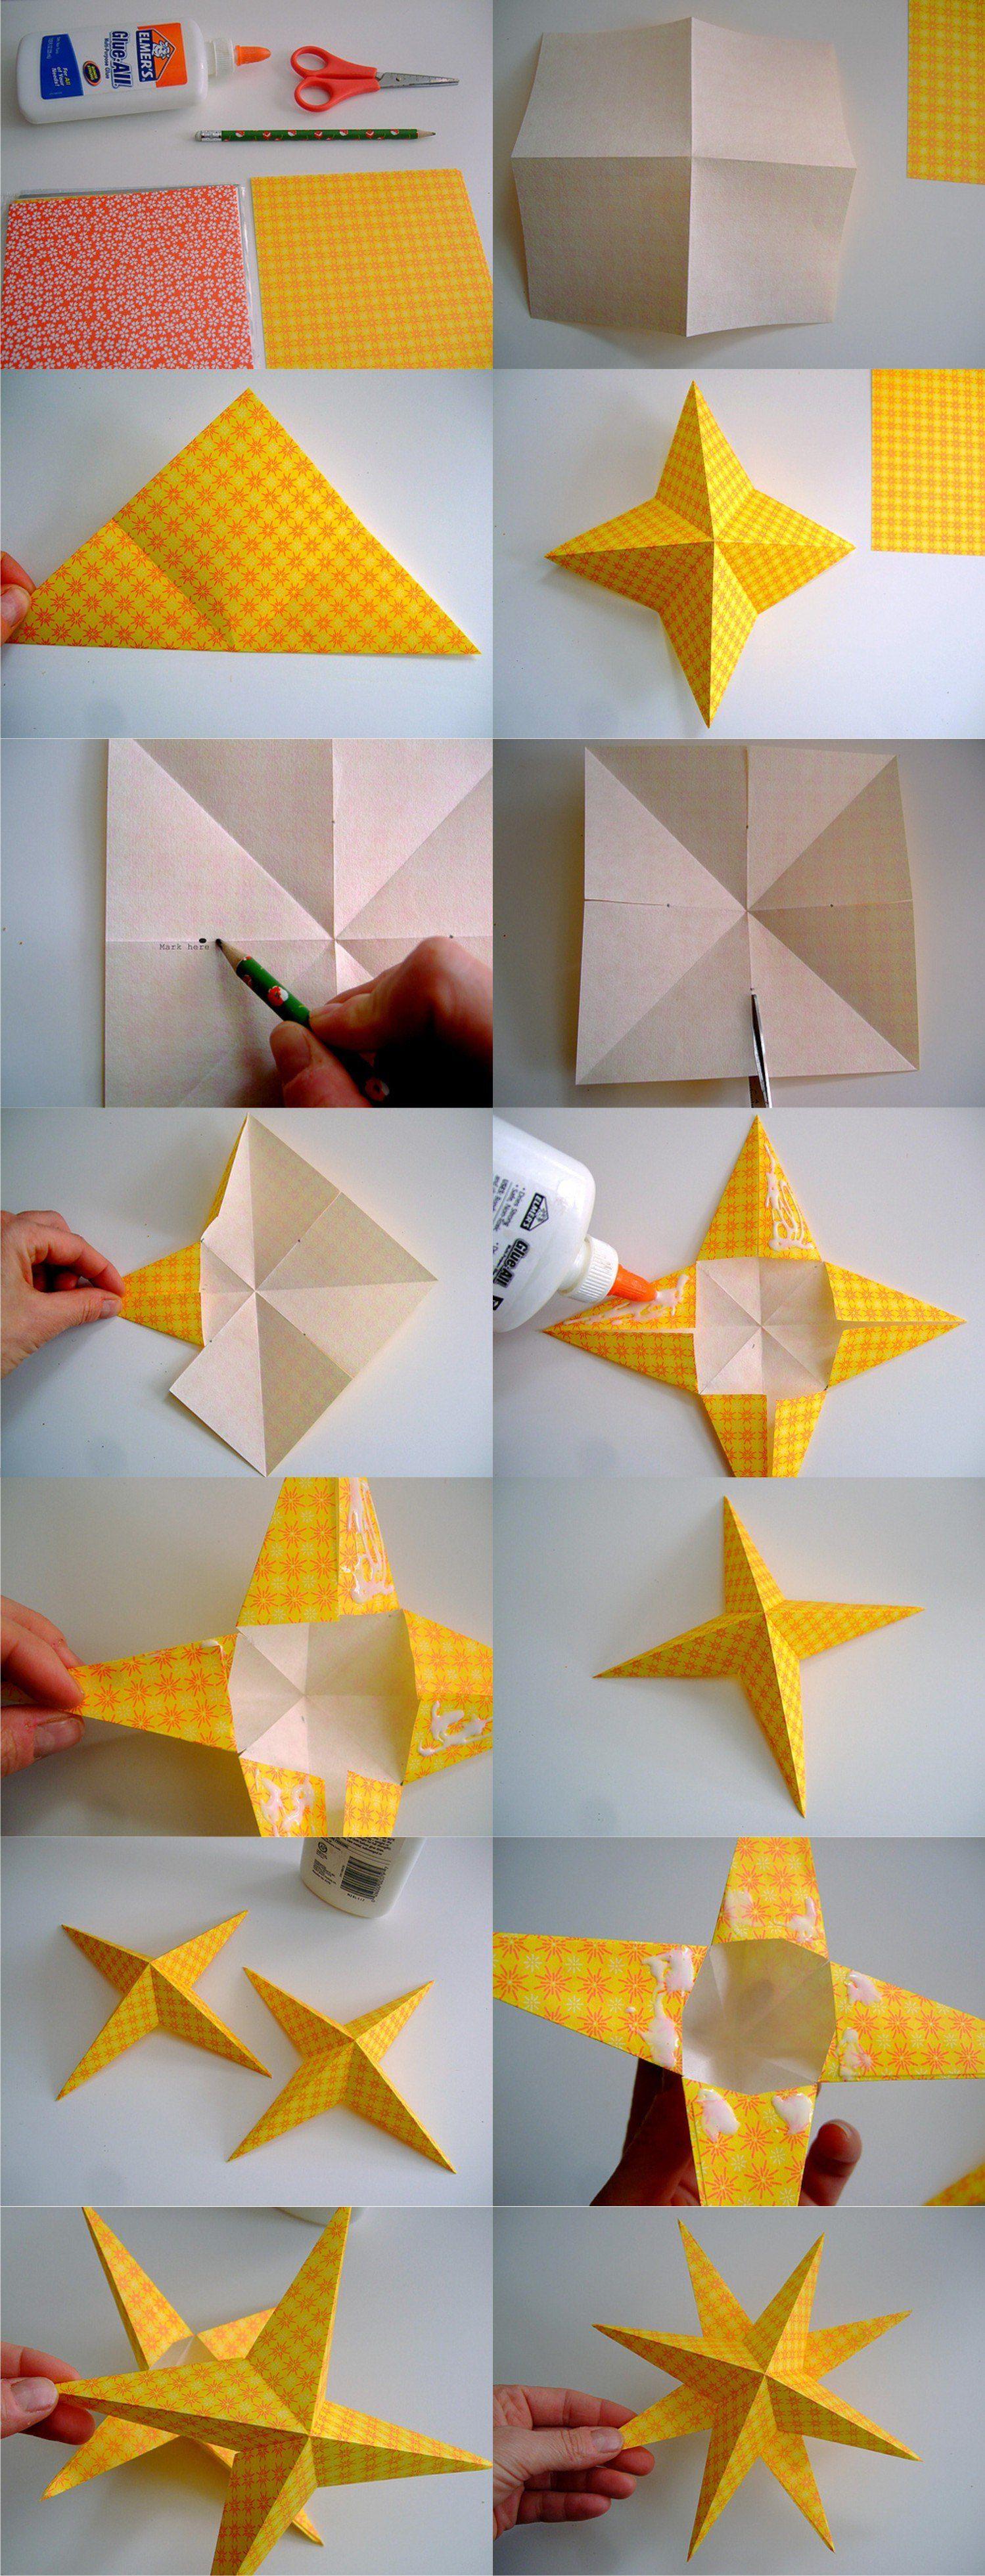 Decoraci n de navidad con papel doblado y enrollado - Decoracion navidad papel ...